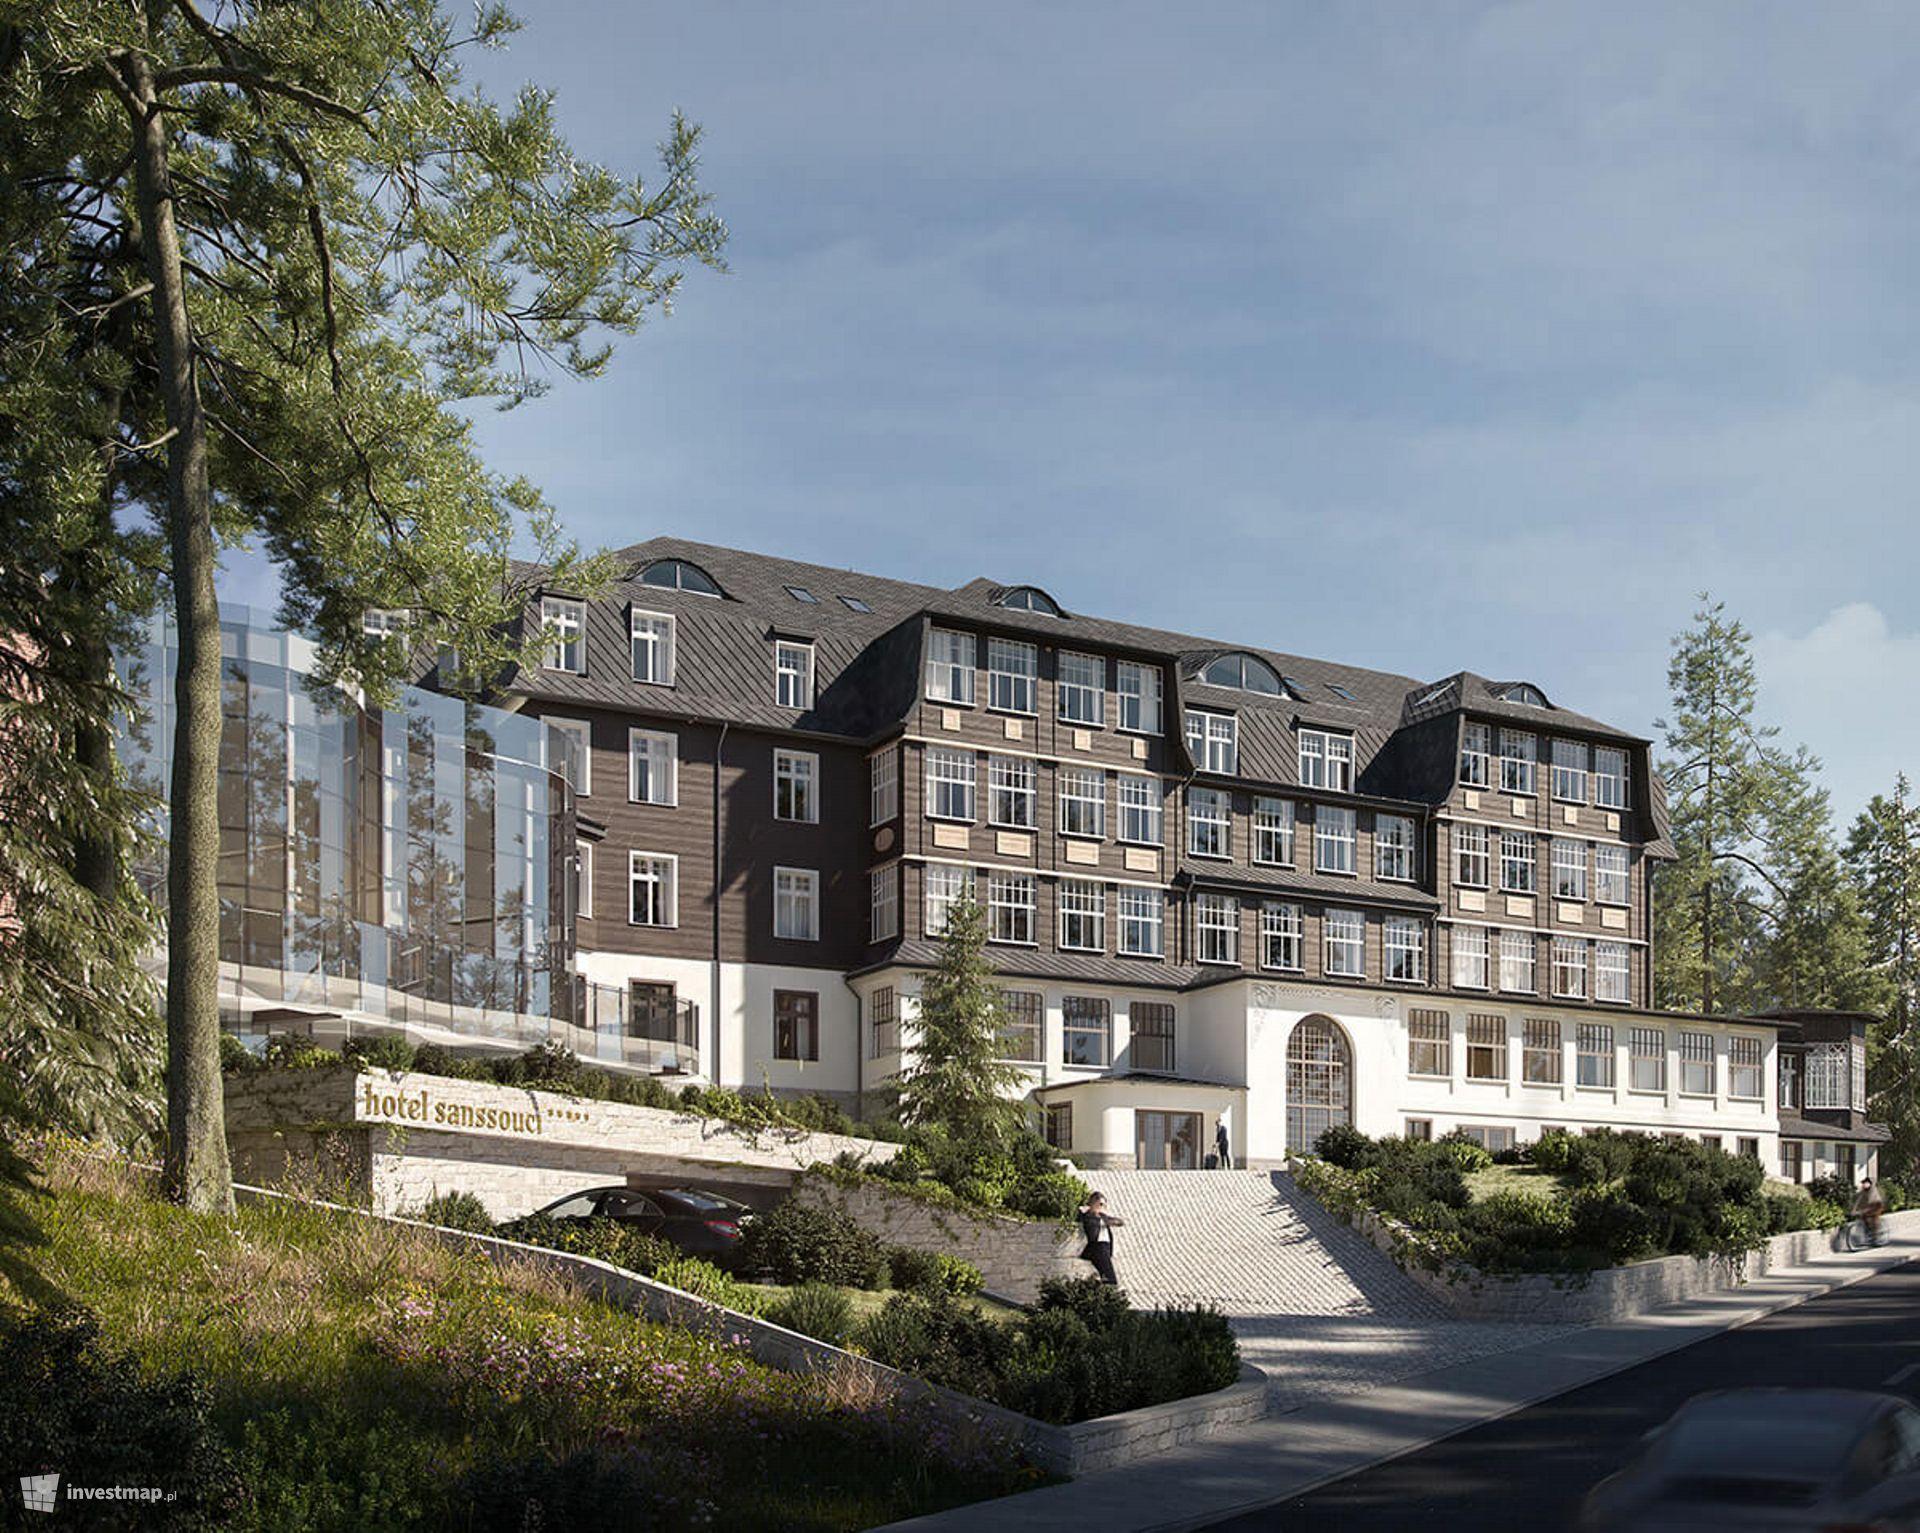 Hotel Sanssouci (rozbudowa i przebudowa)